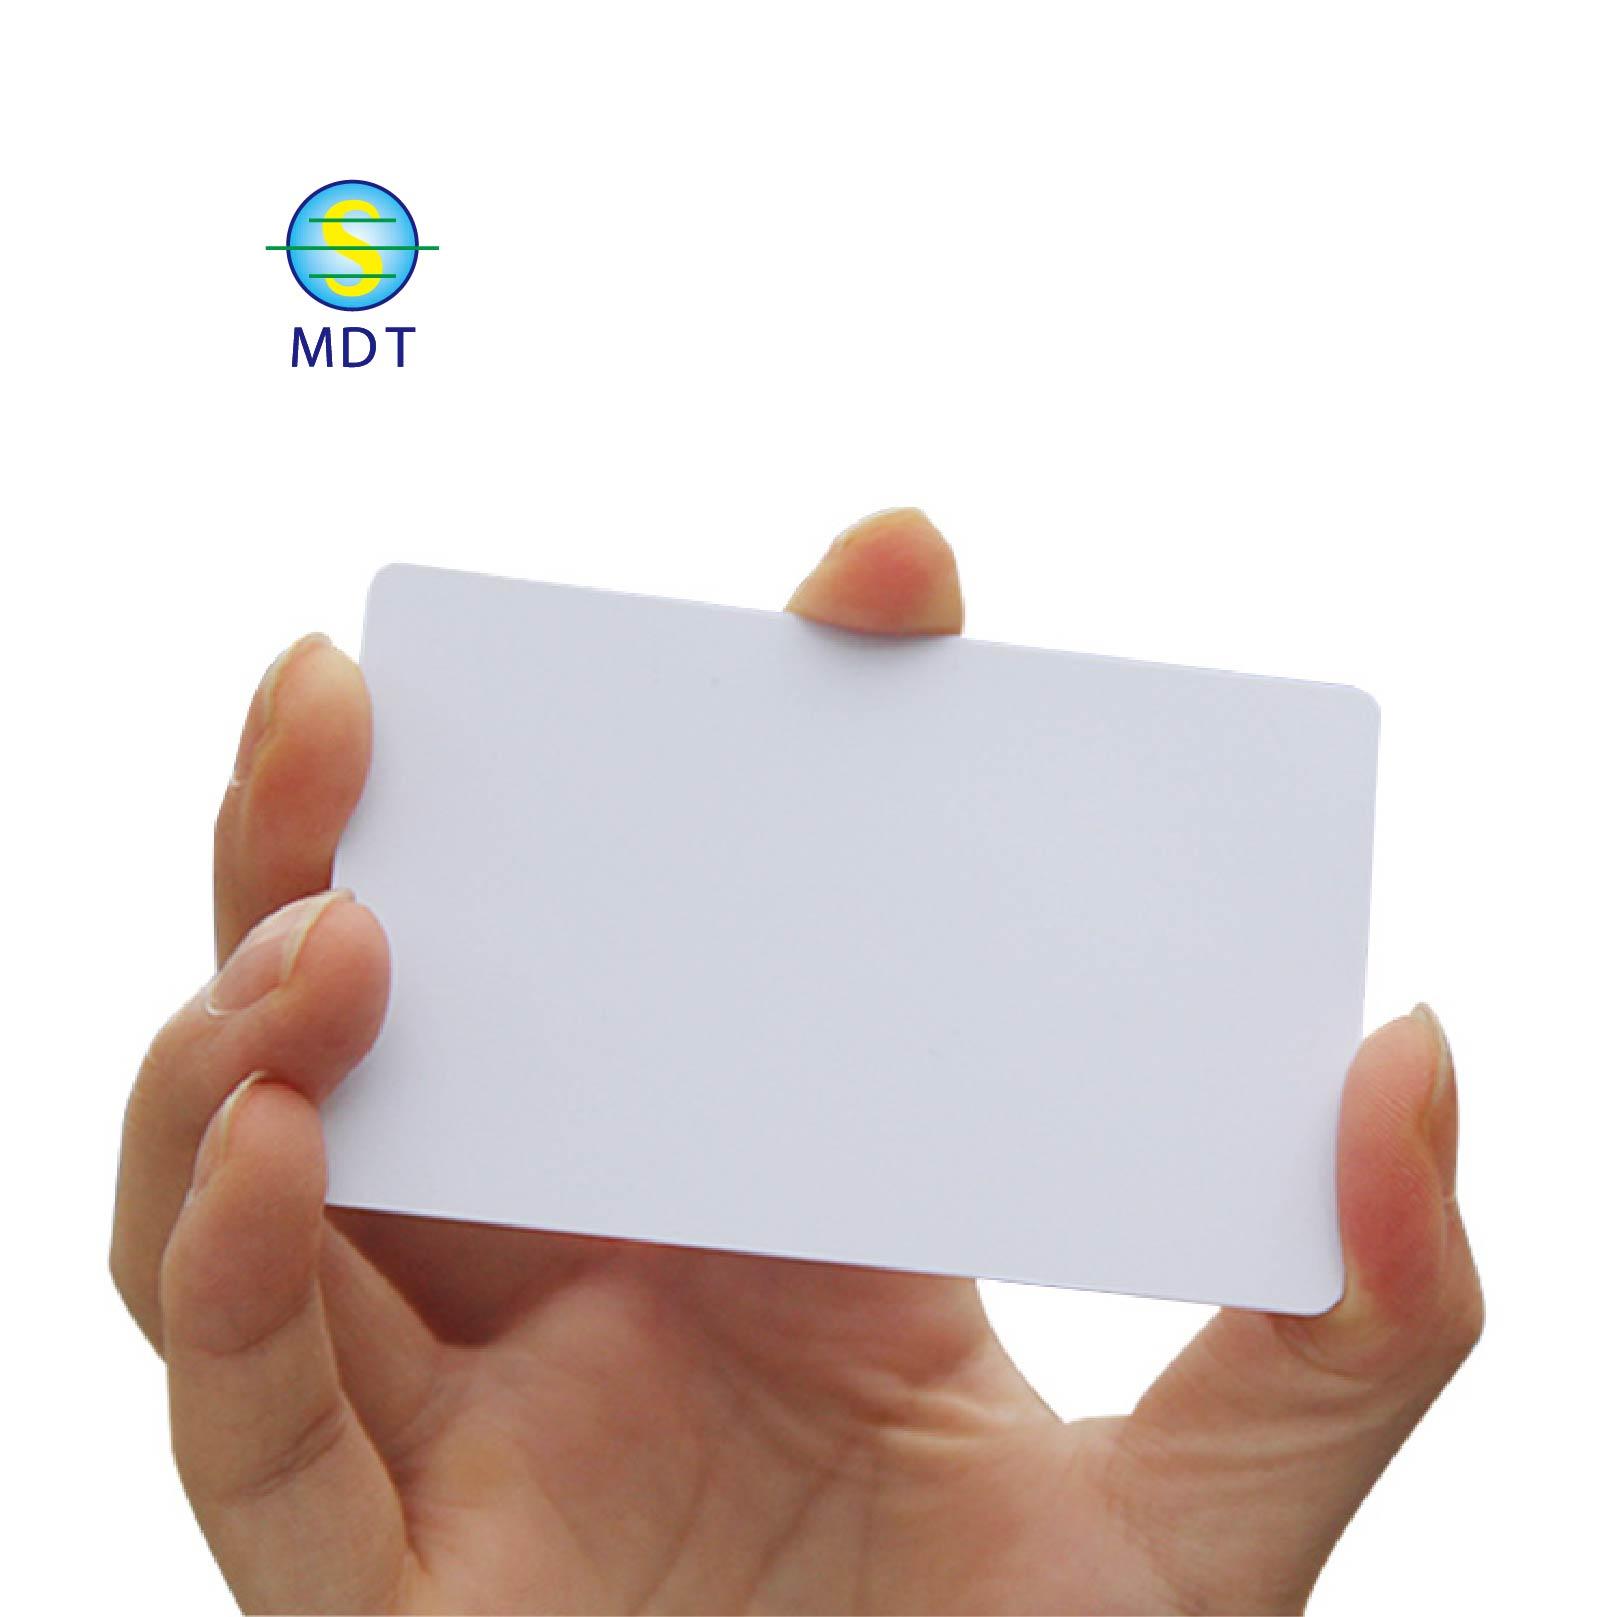 Kartu Rfid Kosong Putih Dapat Ditulis Ulang Kartu Rfid 125Khz